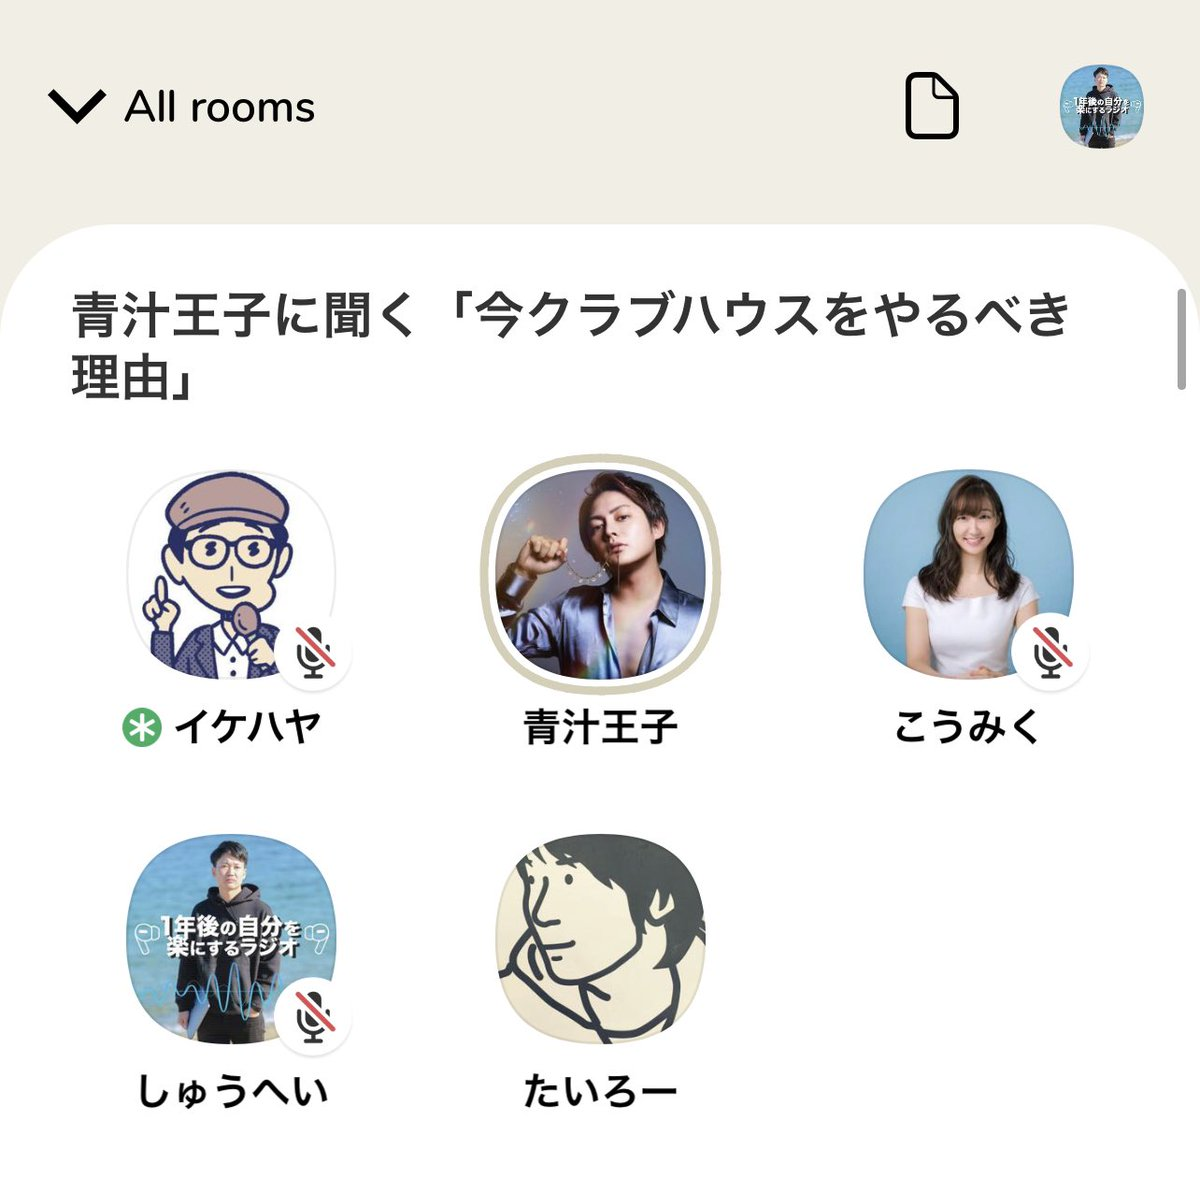 三崎さん@misakism13 Voicy始めるかも!緒方さーん@ogatakentaro スタッフさーん@voicy_jp